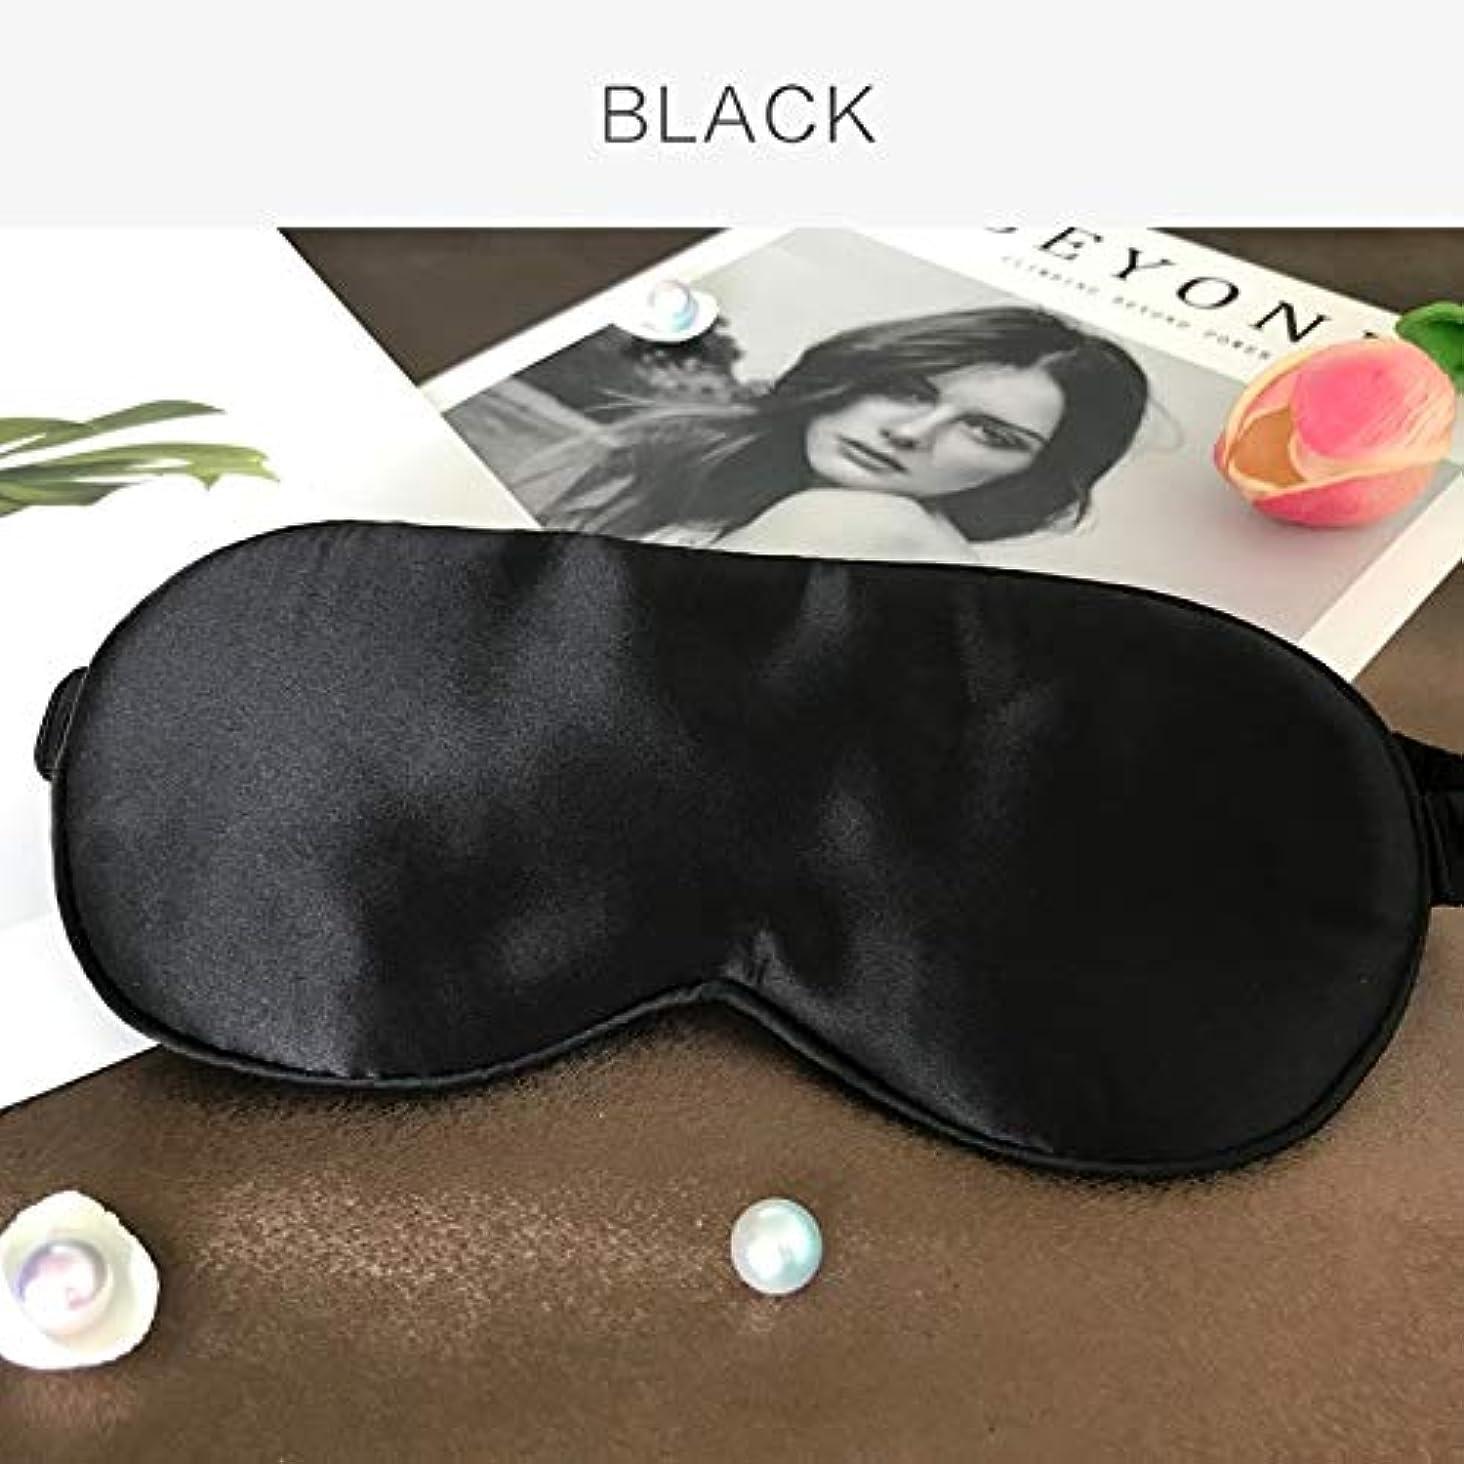 振り子宿サイクルNOTE 19お母さんの桑の絹の睡眠用アイマスク&目隠し付き弾性ストラップソフトアイカバーアイシェード(夜用)、旅行、昼寝